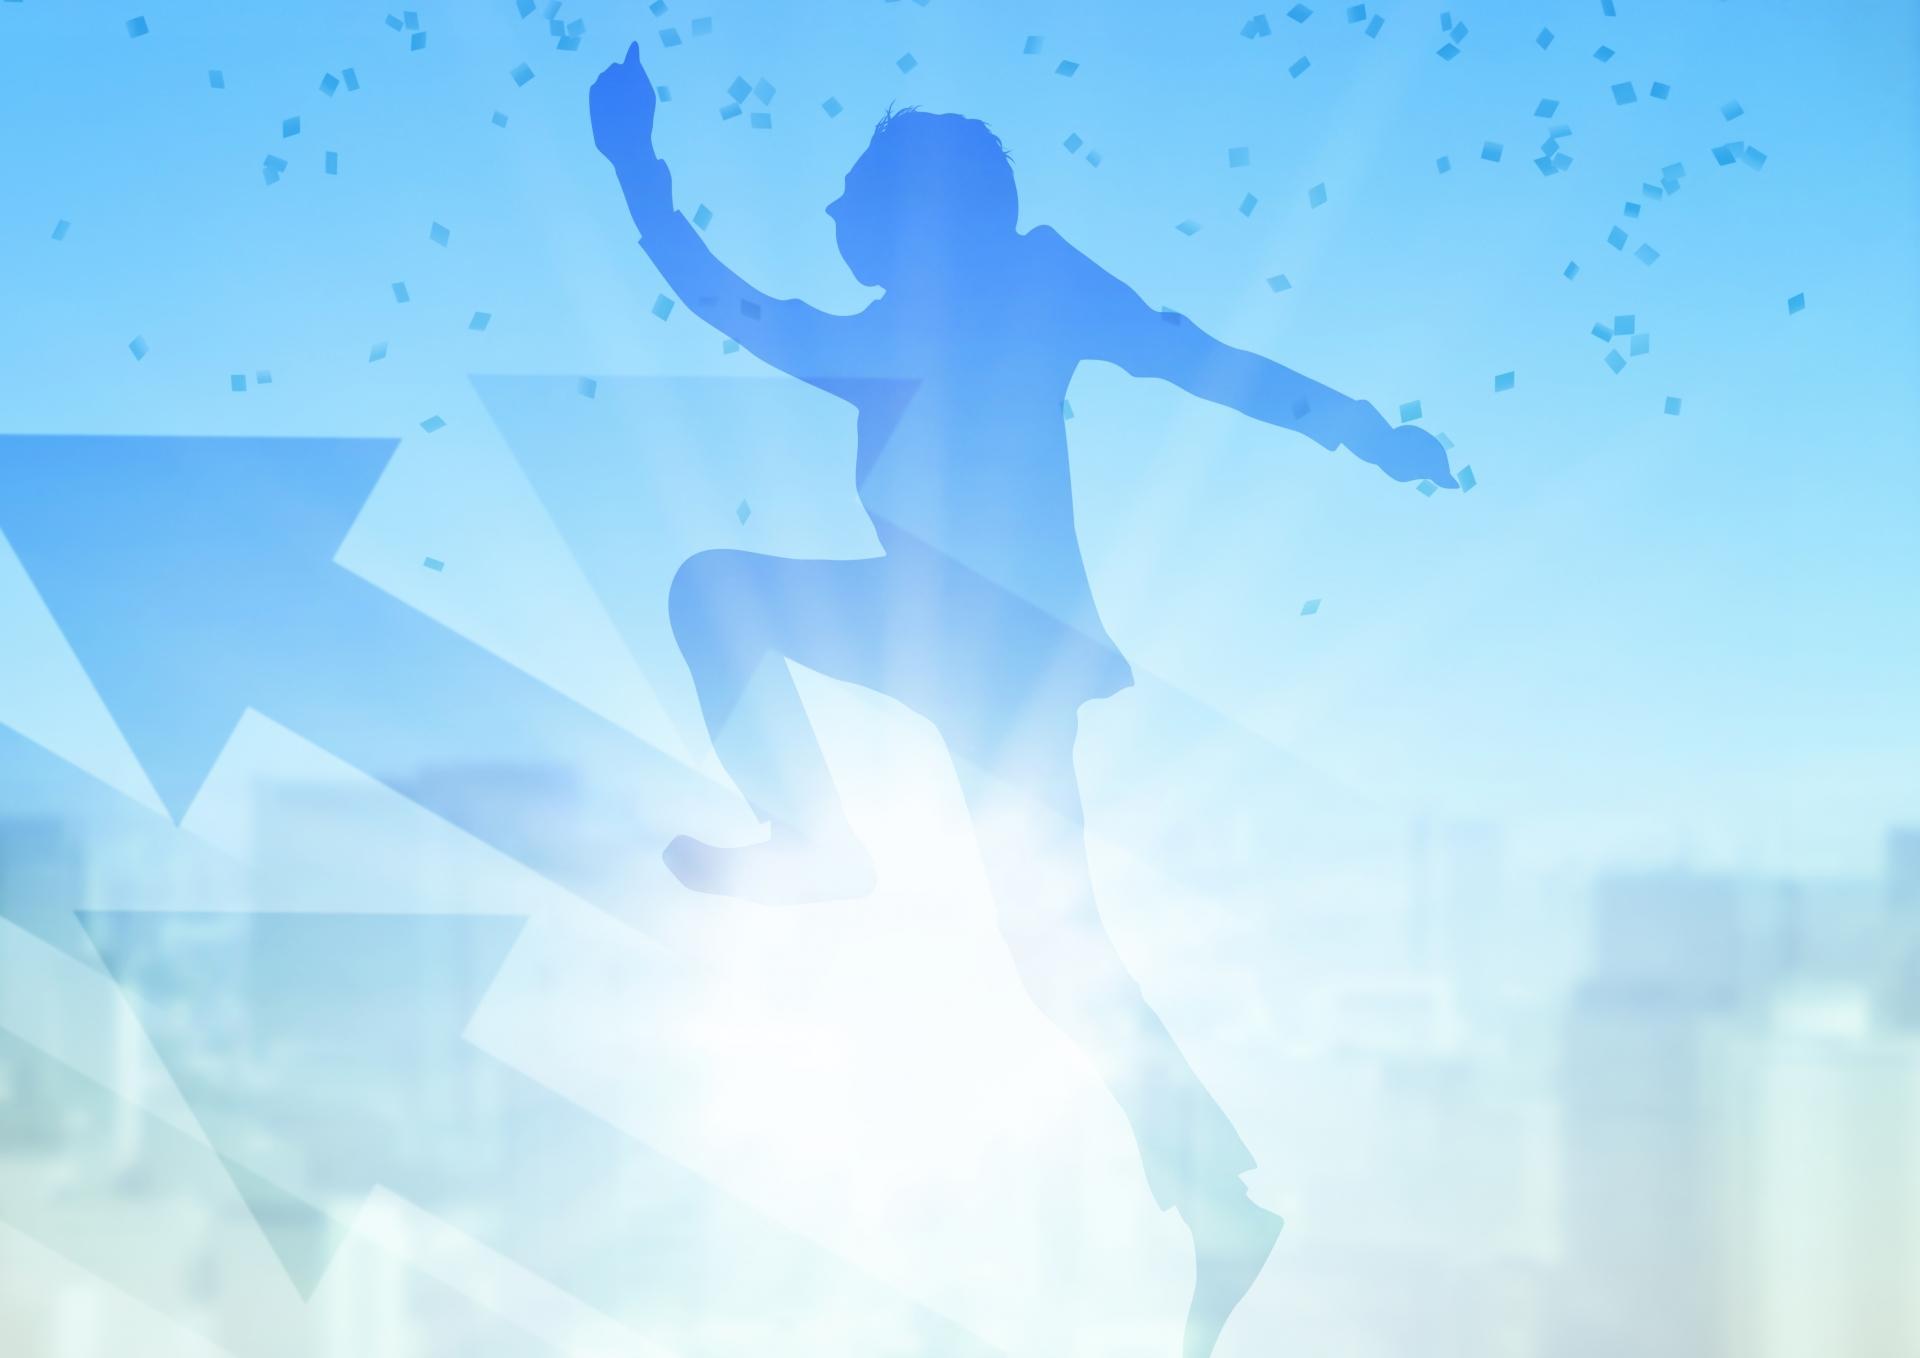 【只今第2期募集中!】名古屋市スタートアップ企業支援補助金【8月7日まで】